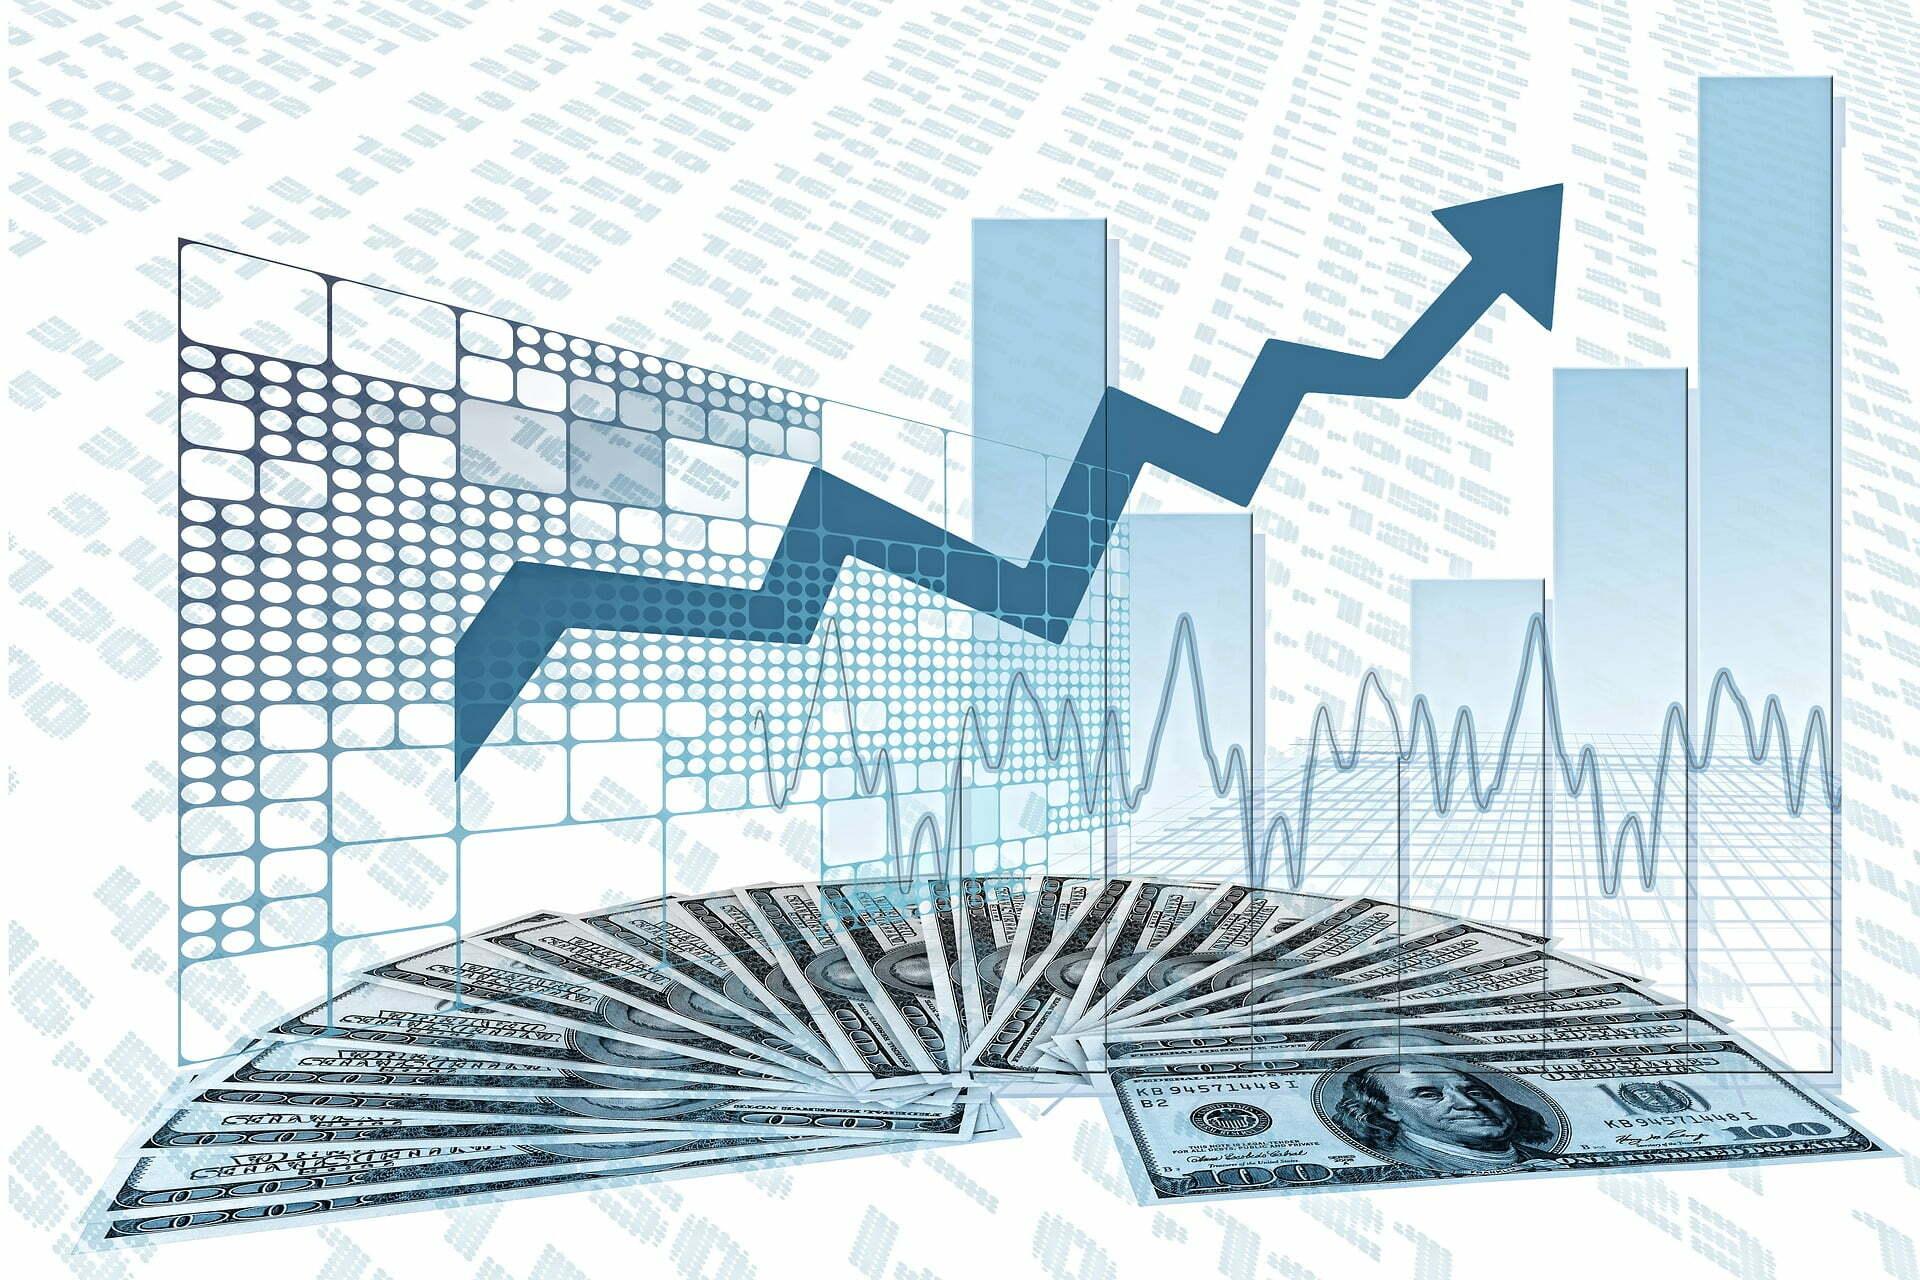 Fundstrat: rok 2019 przyniesie wzrosty na rynku kryptowalut